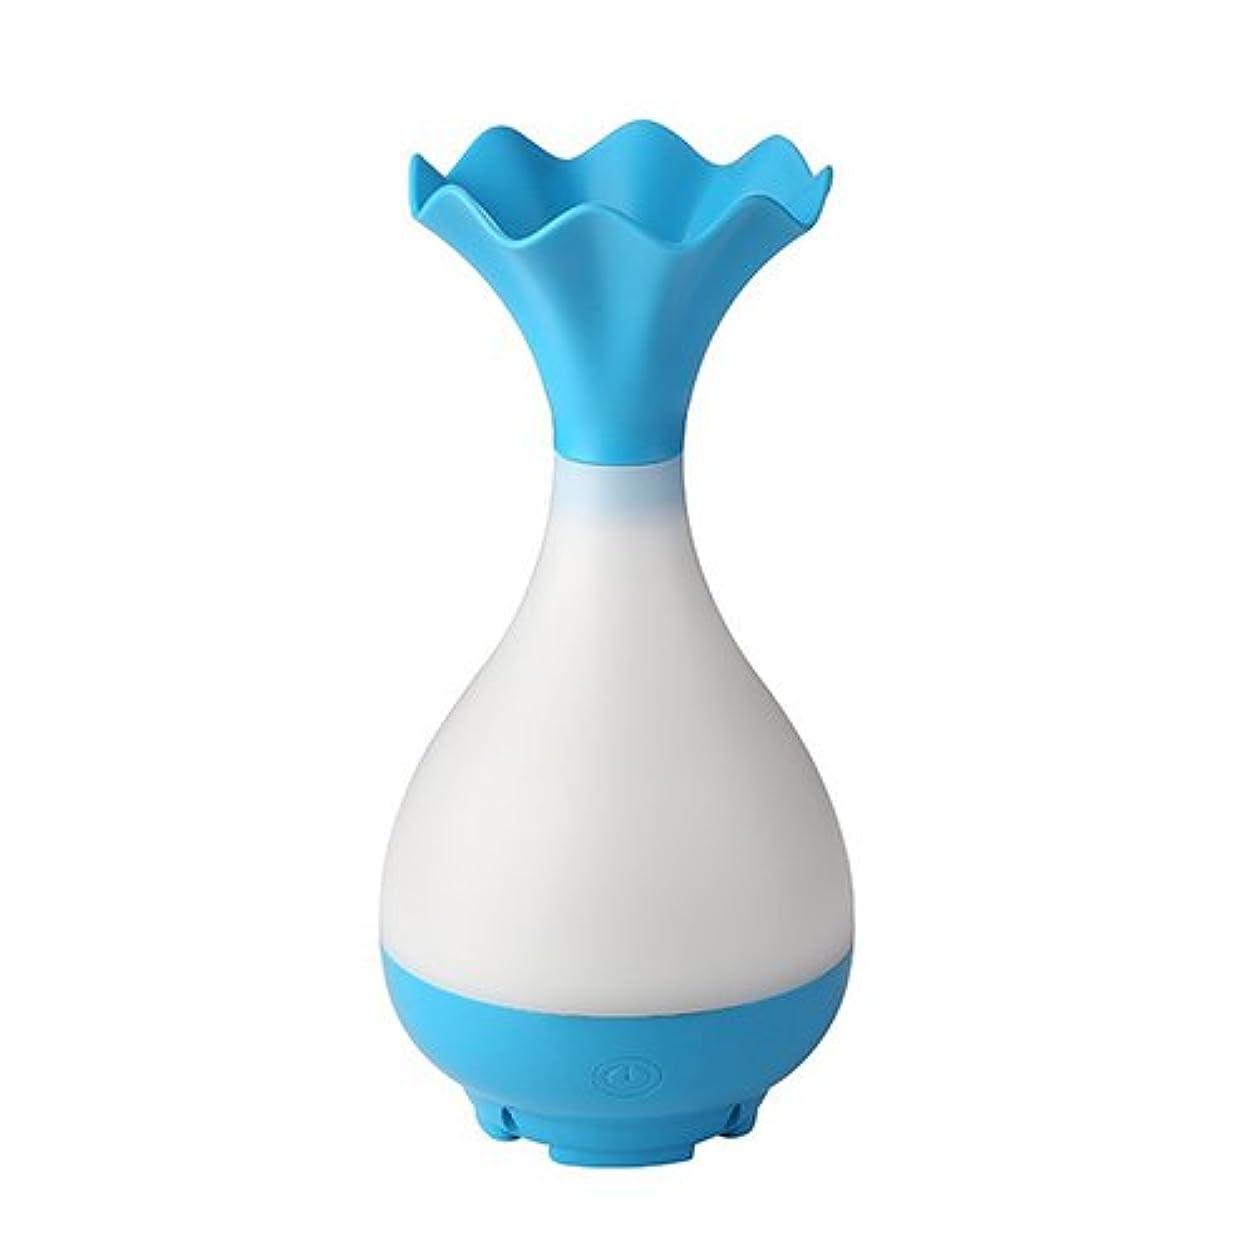 玉縫い目簿記係Mystic Moments | Blue Vase Bottle USB Aromatherapy Oil Humidifier Diffuser with LED Lighting